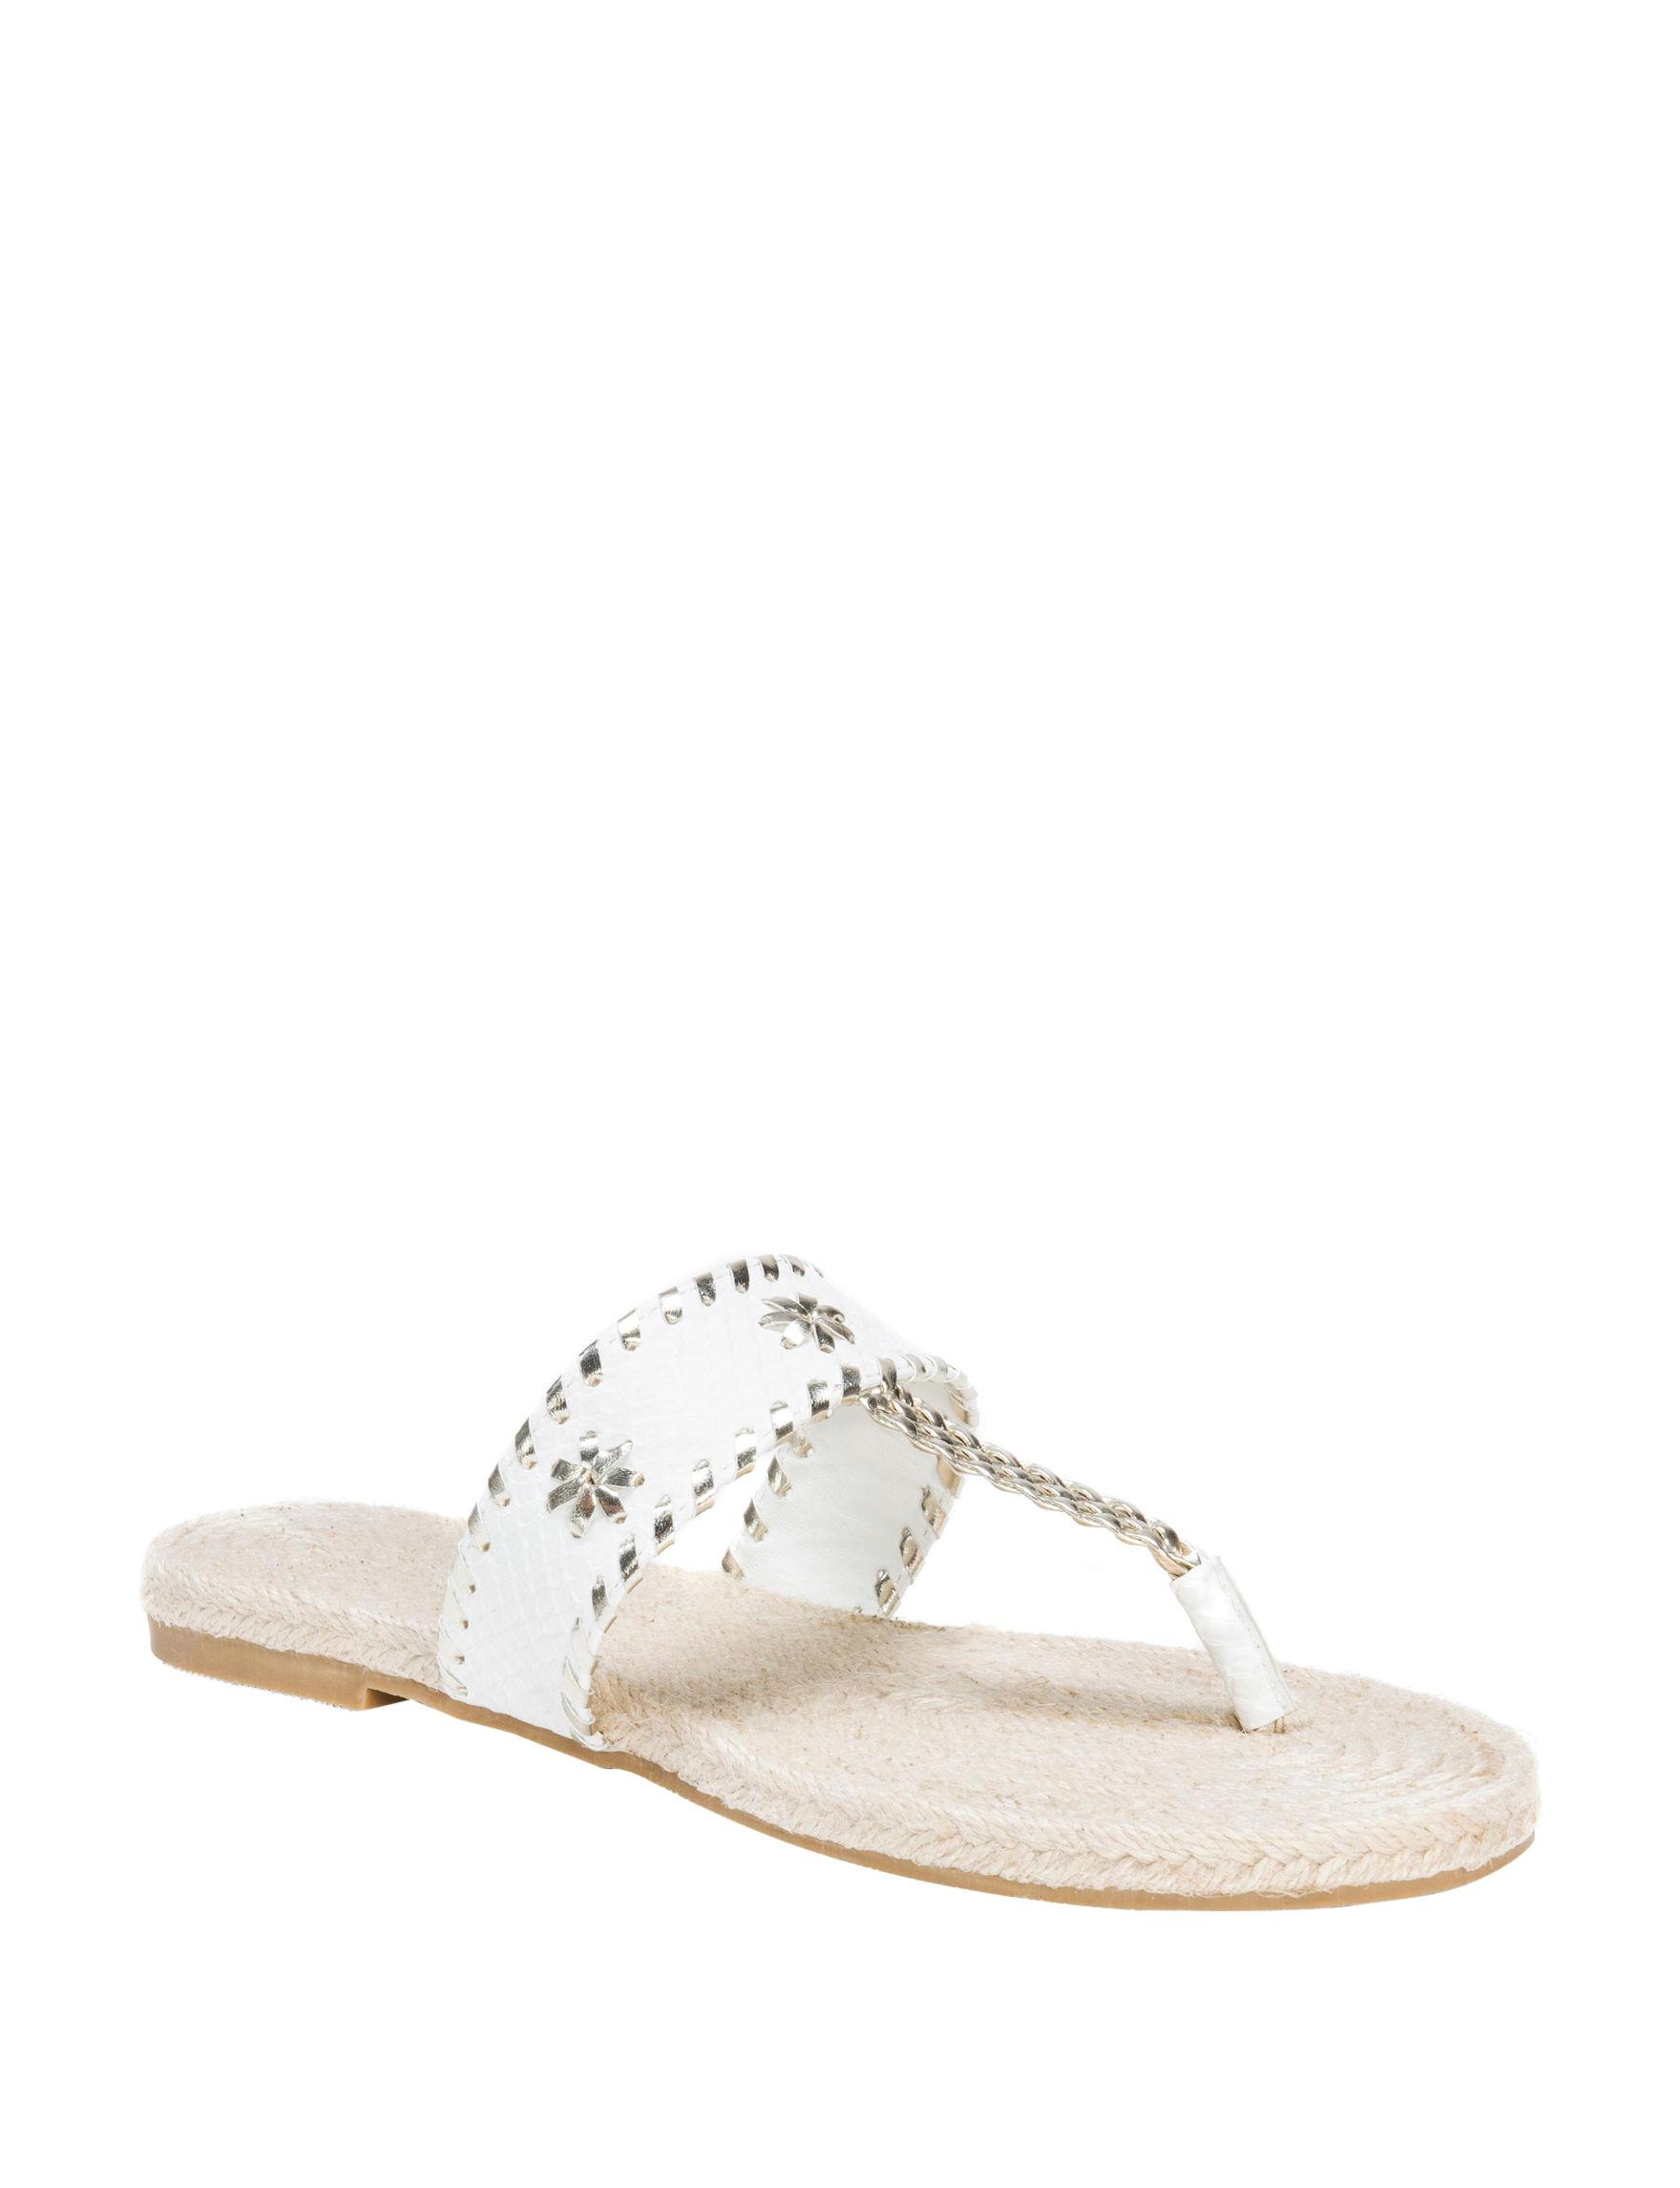 Muk Luks White Flat Sandals